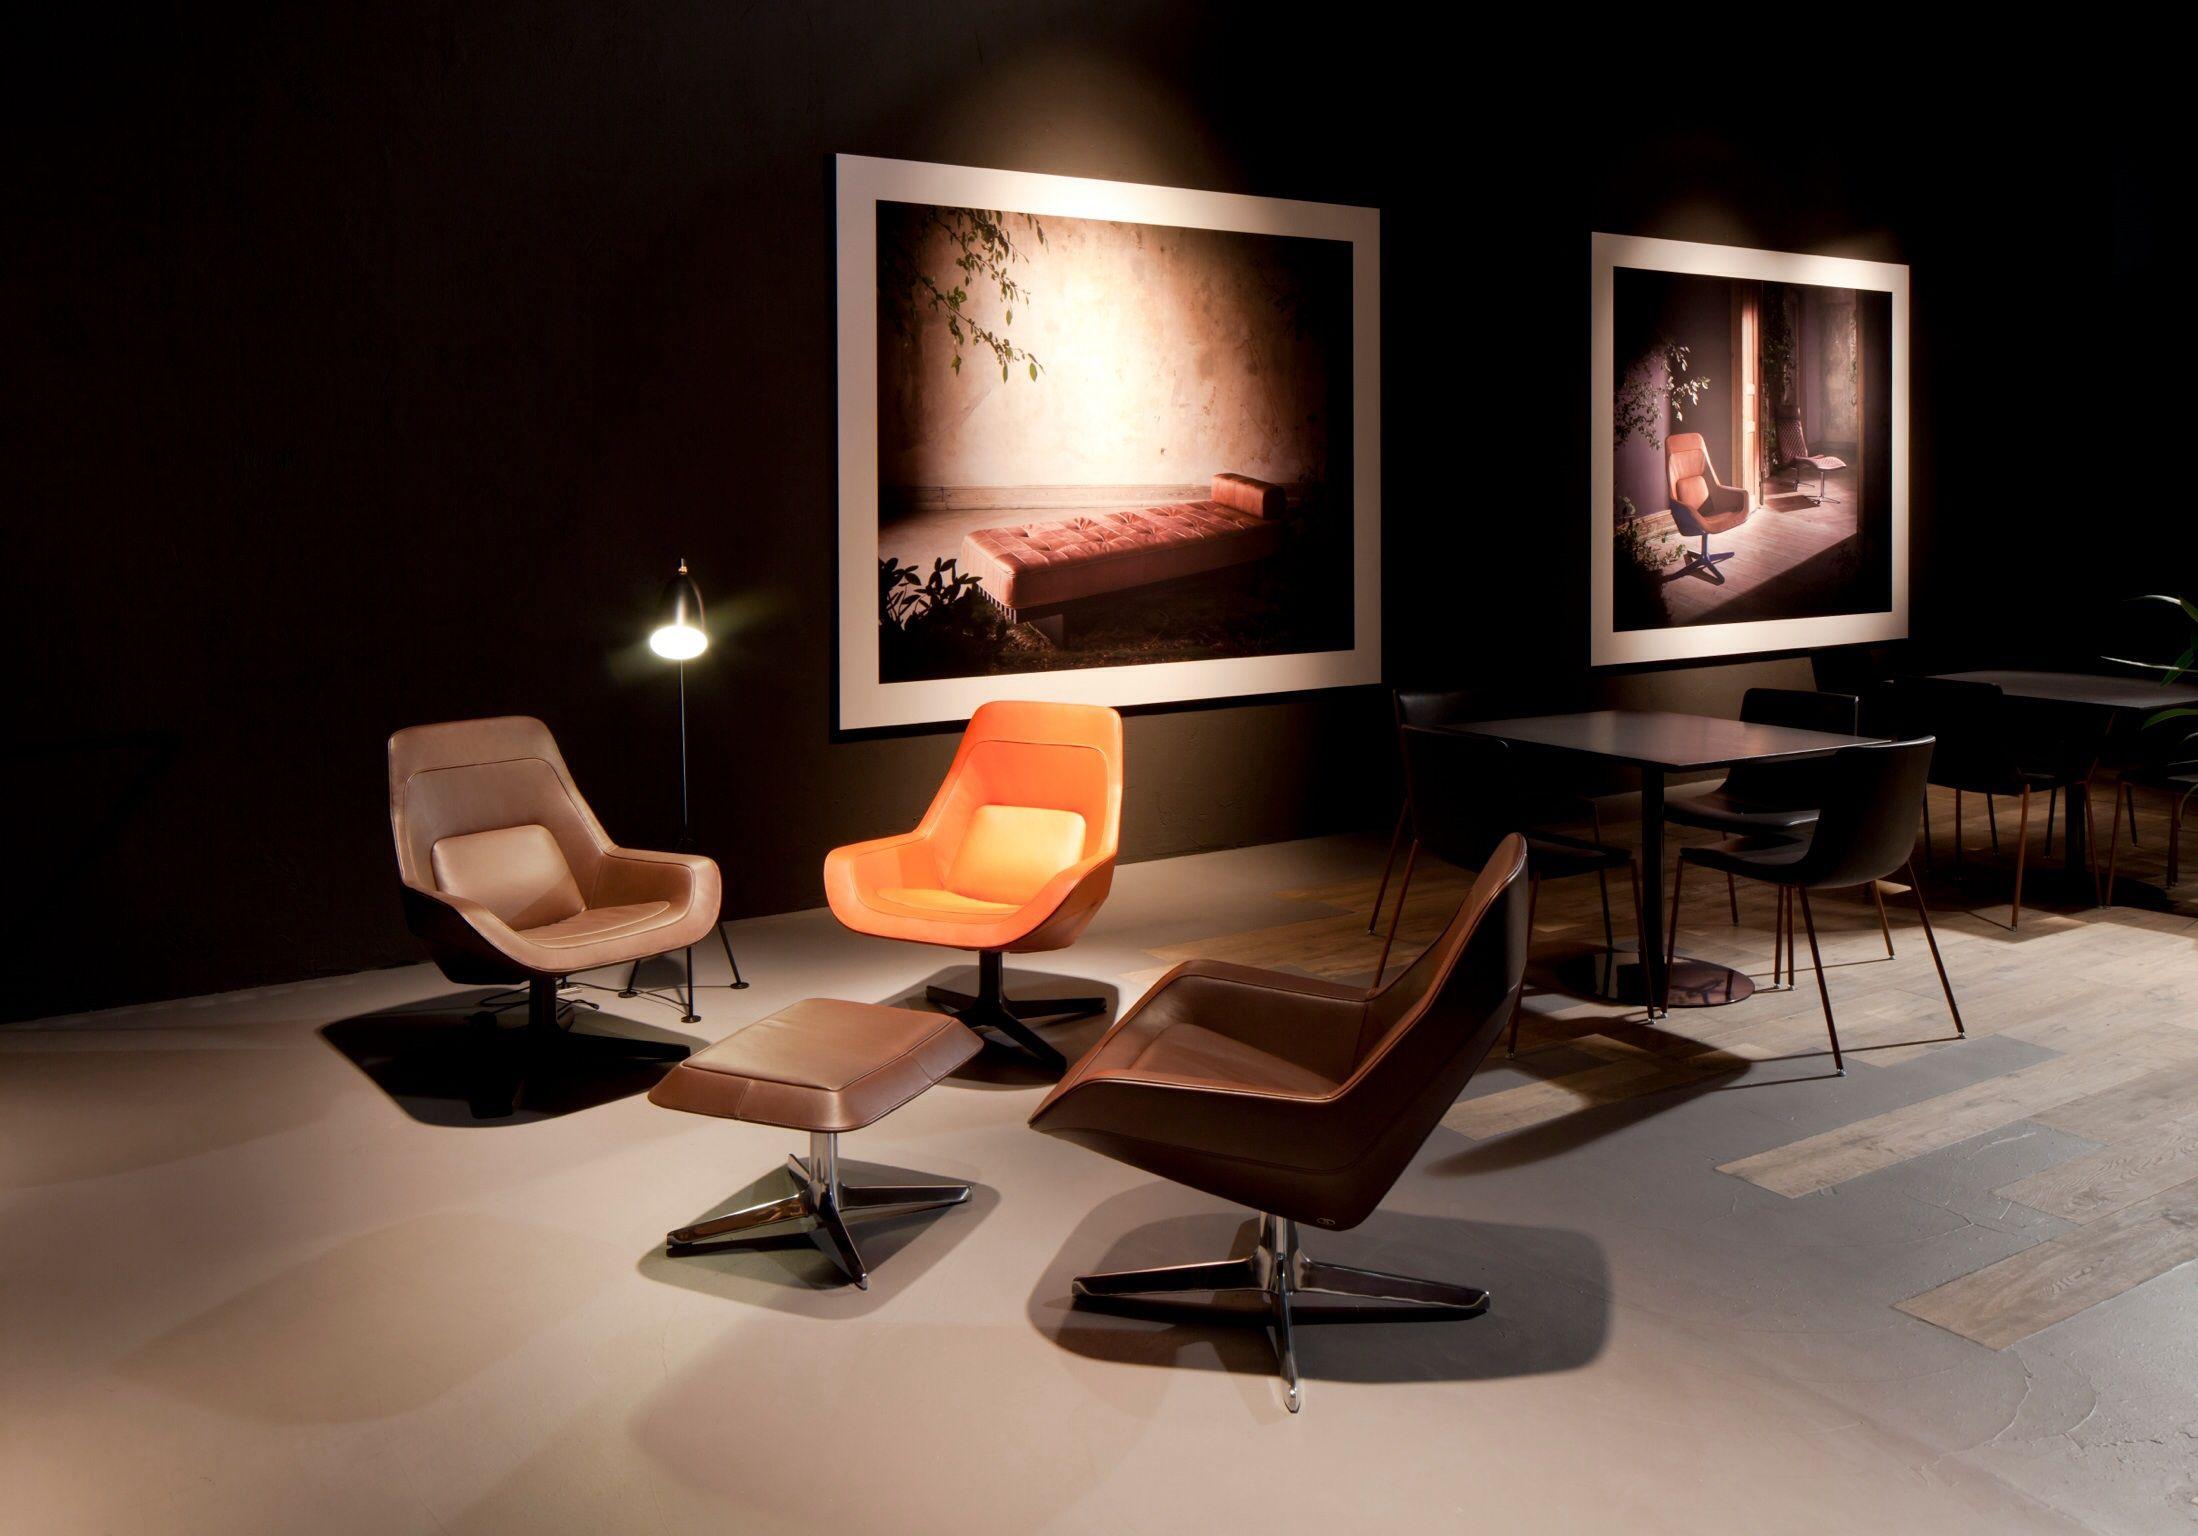 Leolux Helical Design Fauteuil.De Sede Ds 144 Interieur Fauteuil Woonwinkel